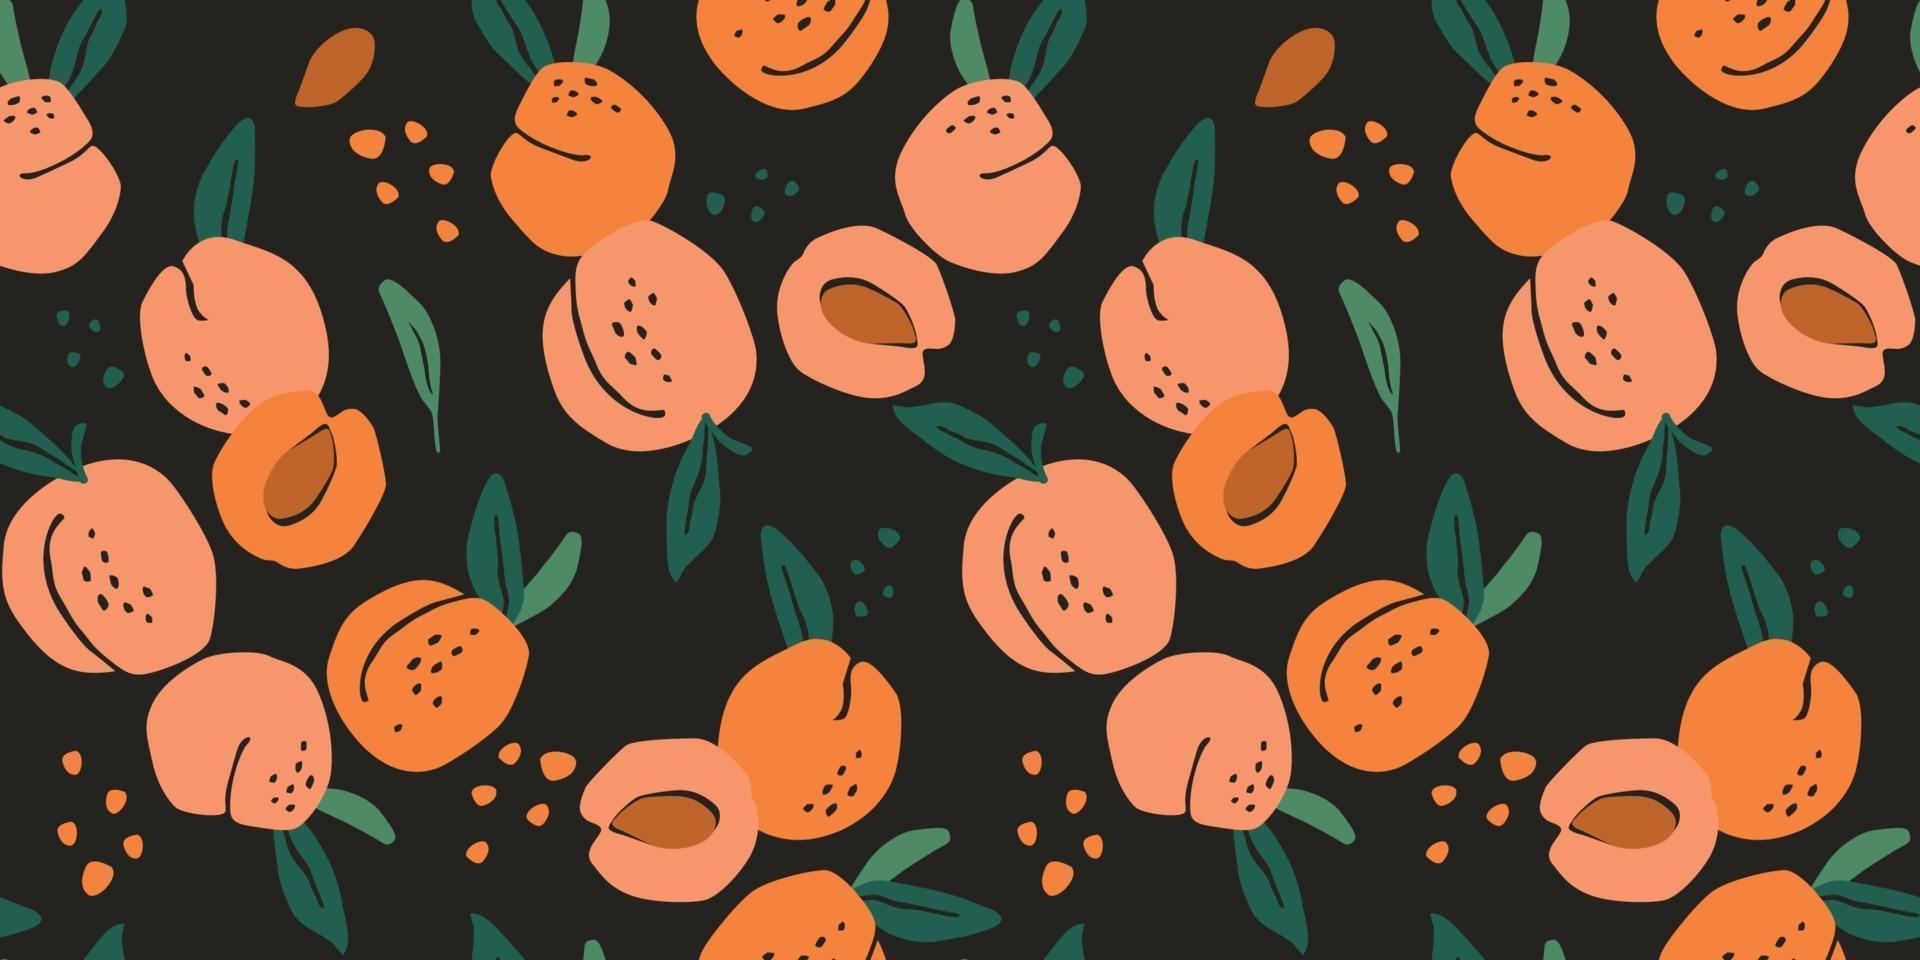 vektor sömlösa mönster med persikor. trendiga handritade texturer. modern abstrakt design